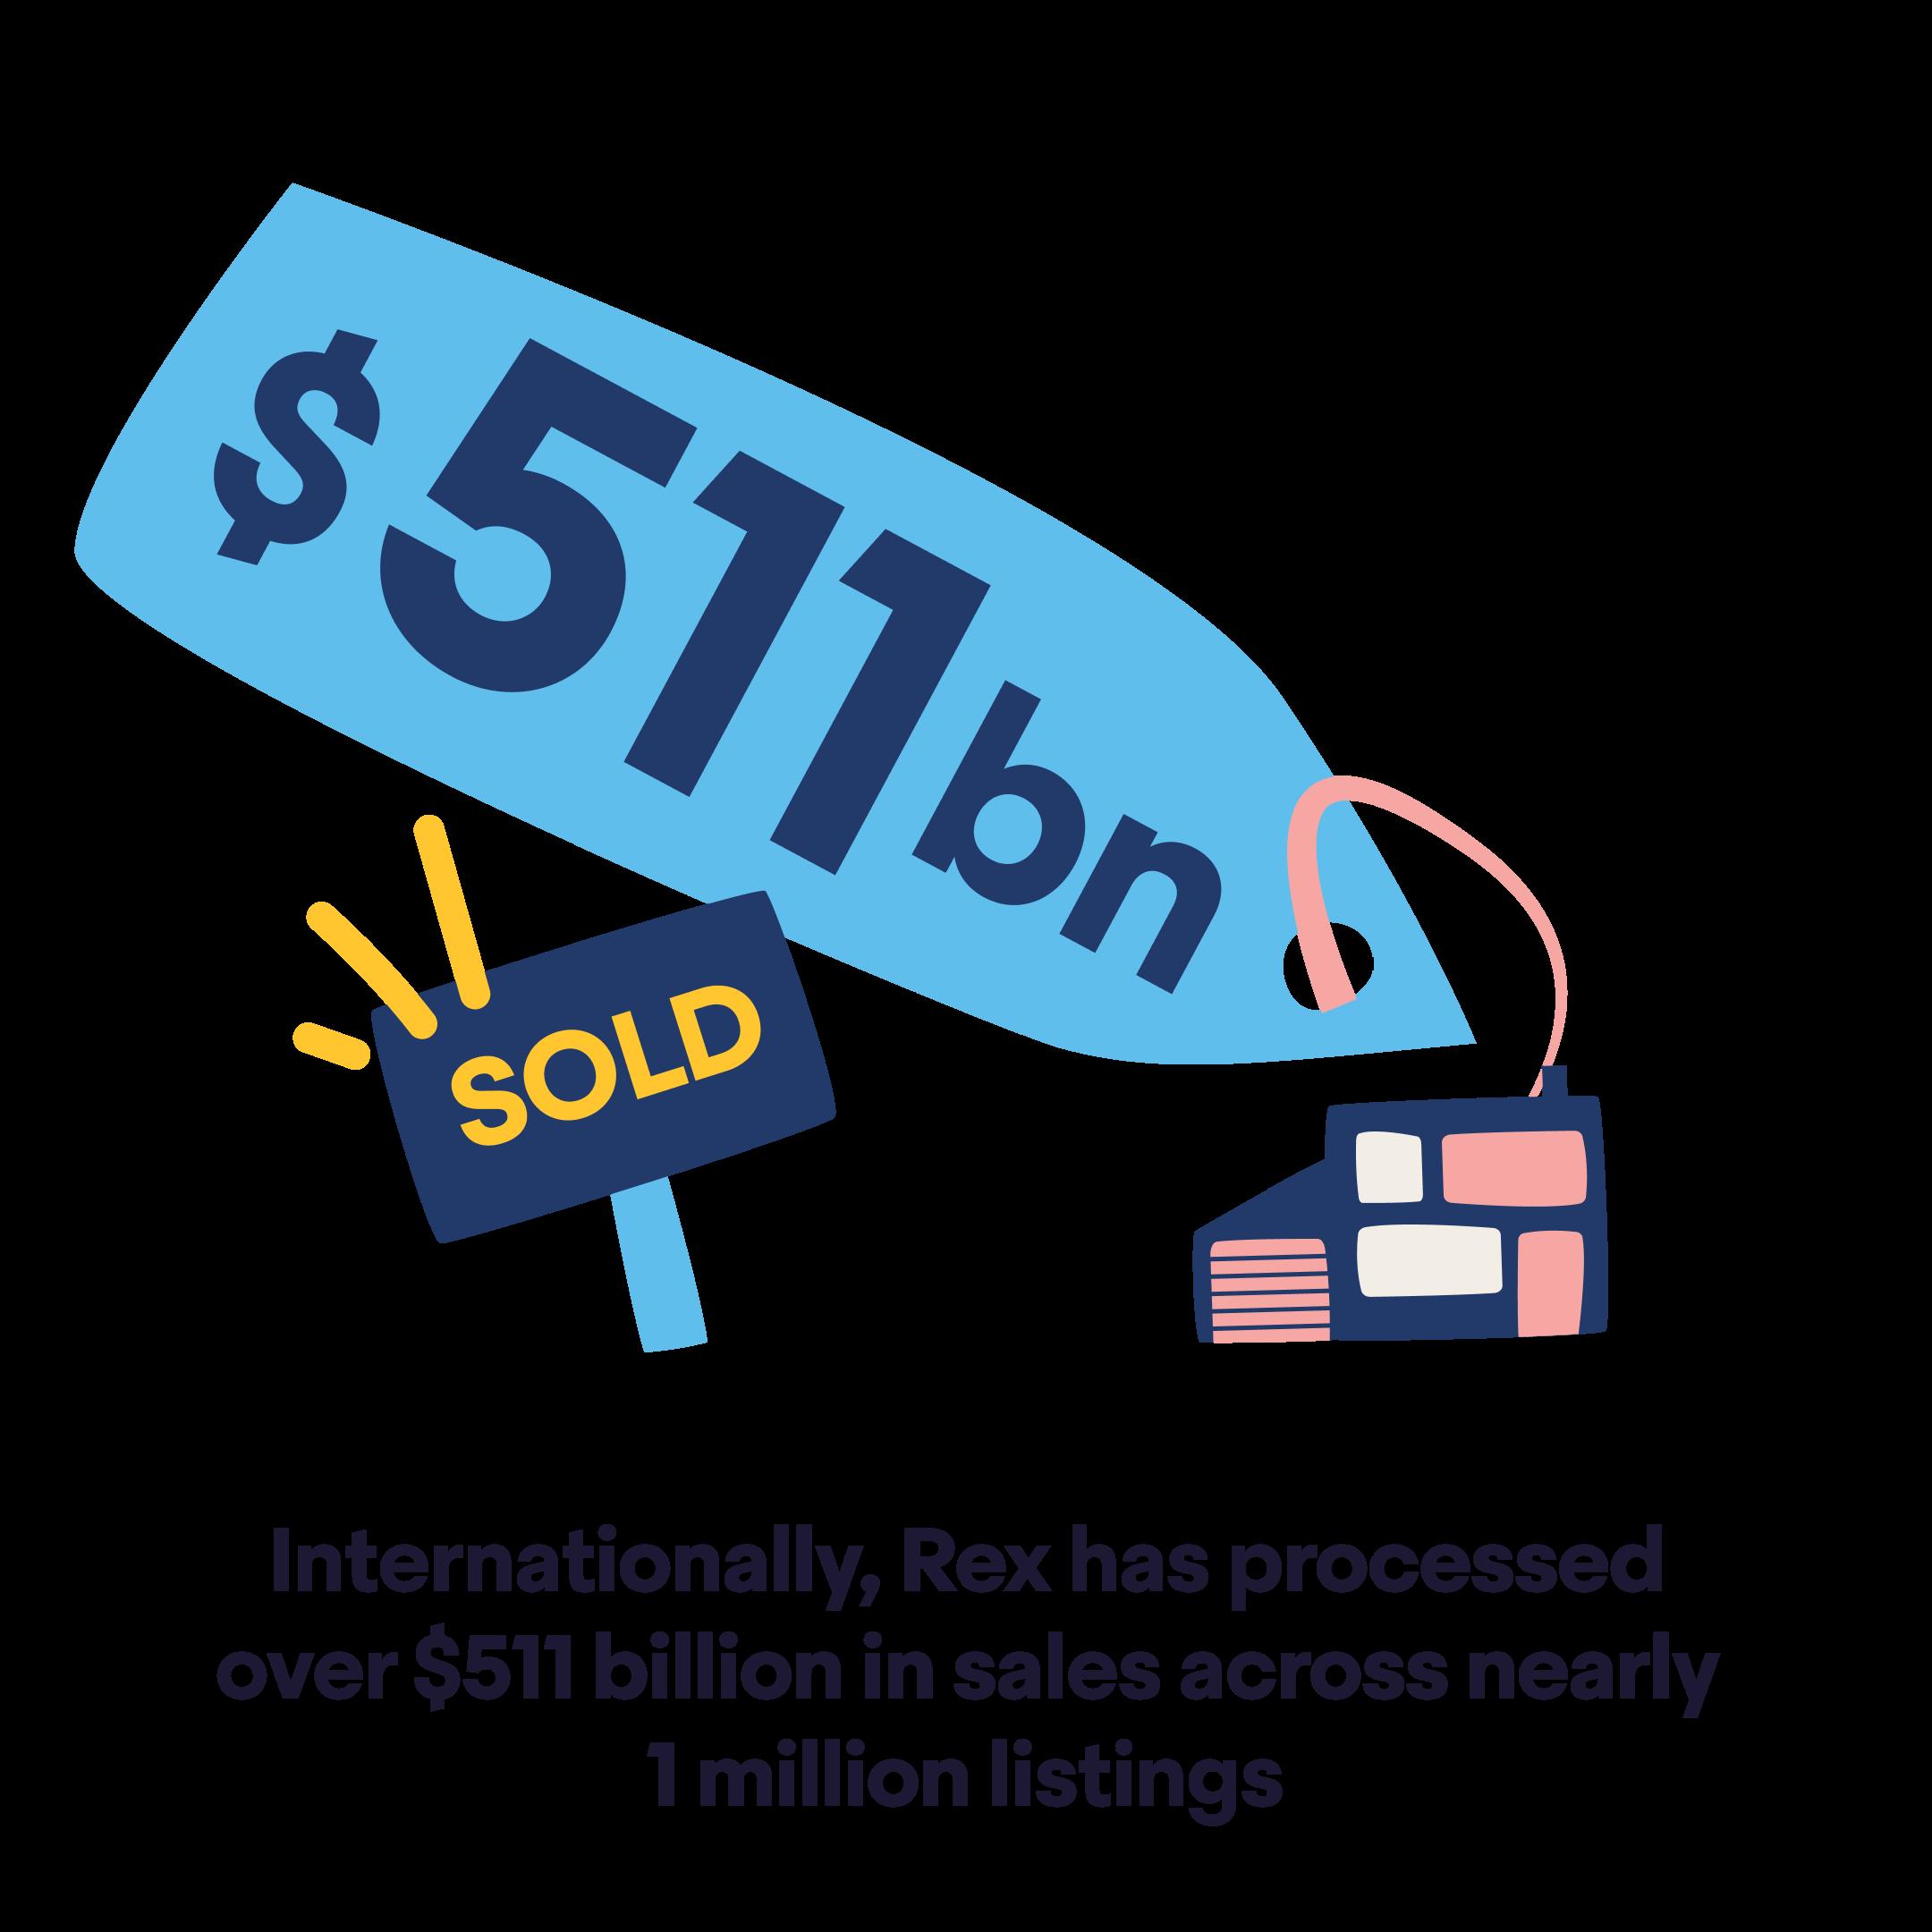 $511bn sold by Rex